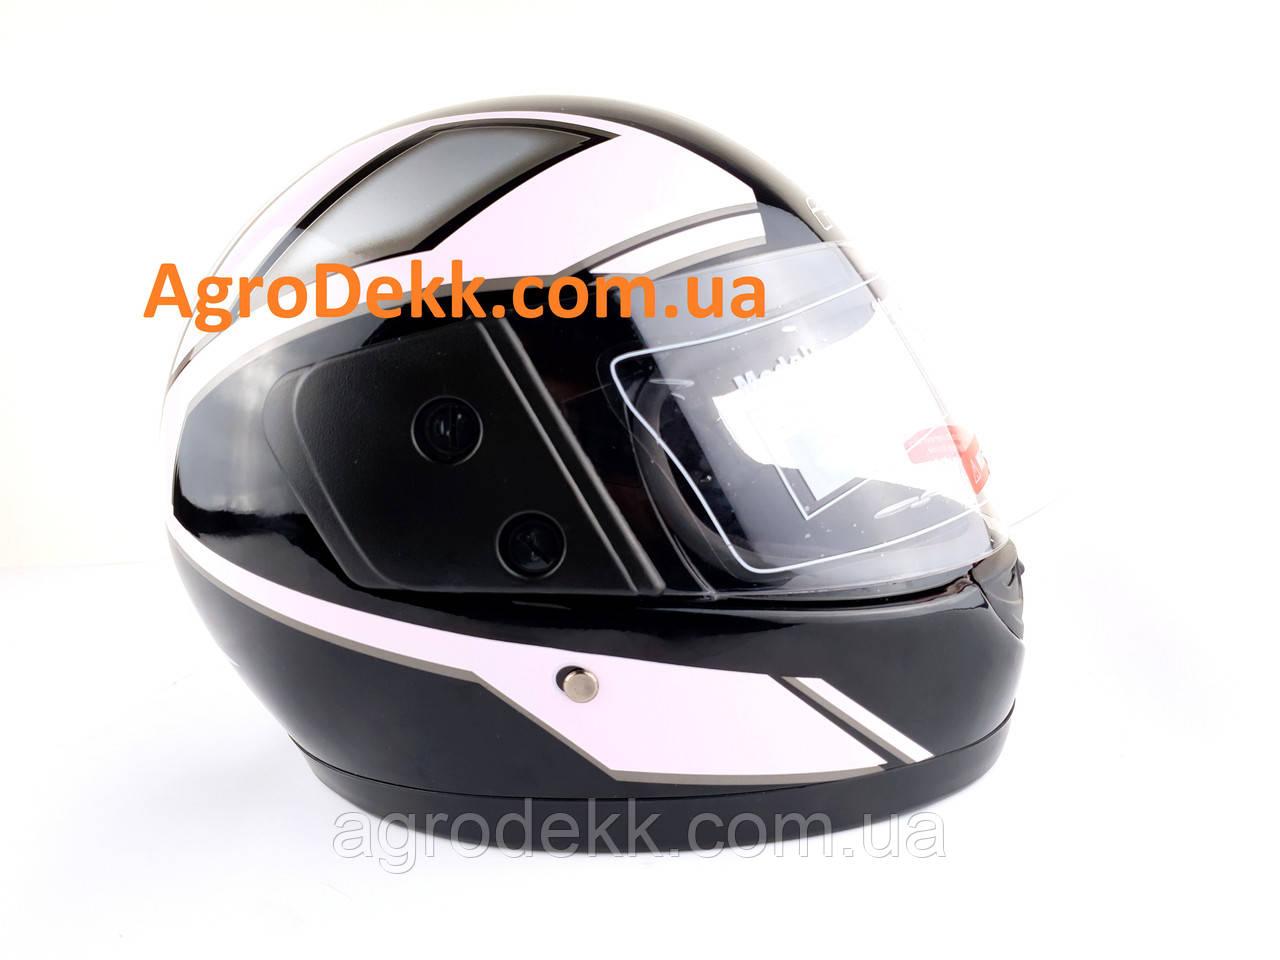 Шлем для мотоцикла F2 черный глянец с розовой полосой